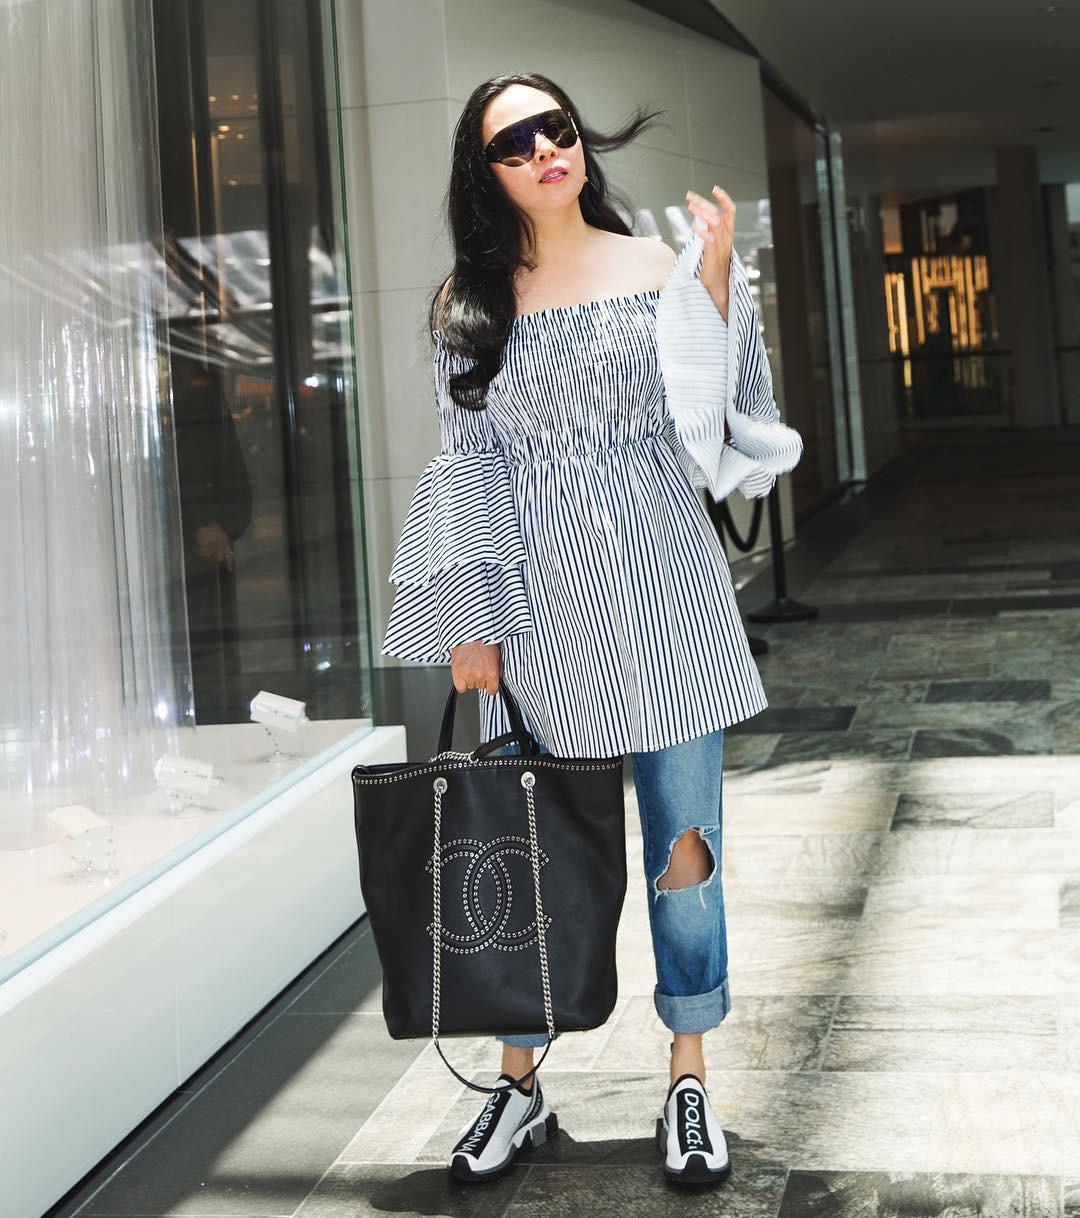 4 lý do khiến Phượng Chanel thường xuyên mix đồ tréo ngoe, chị em công sở nhớ kỹ để tránh mặc xấu-9